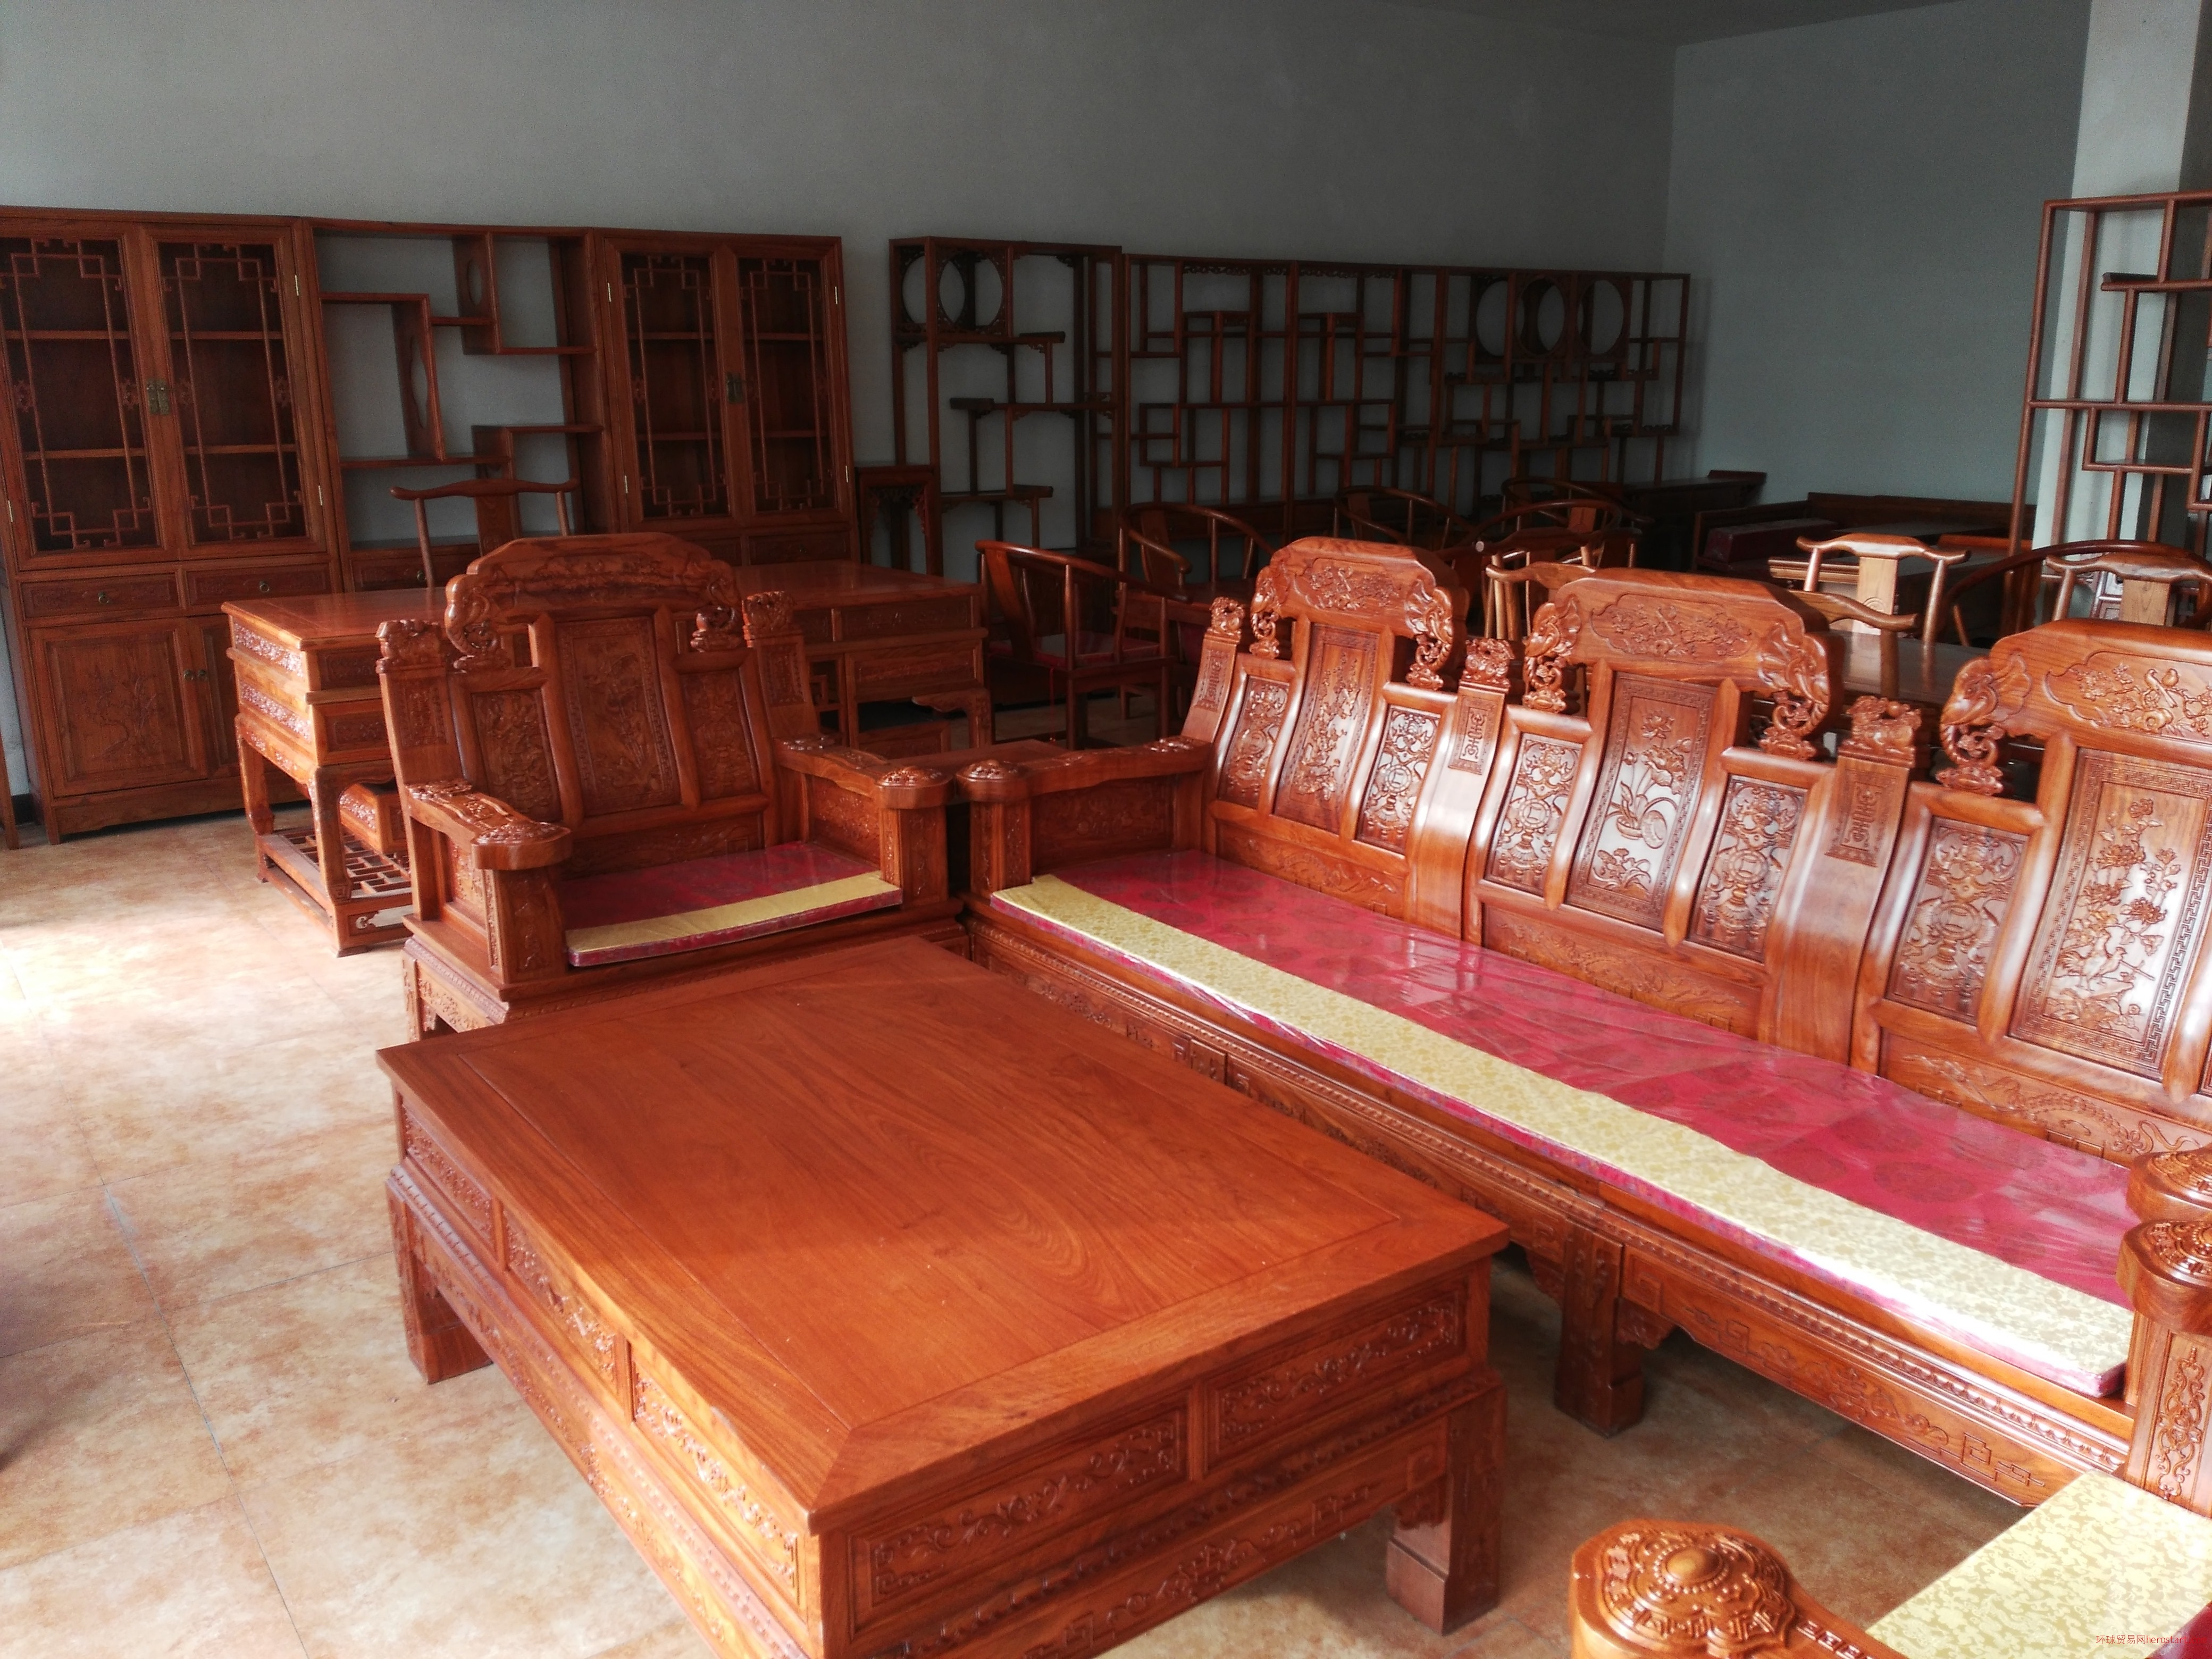 聚雅苑红木家具,天然奇石